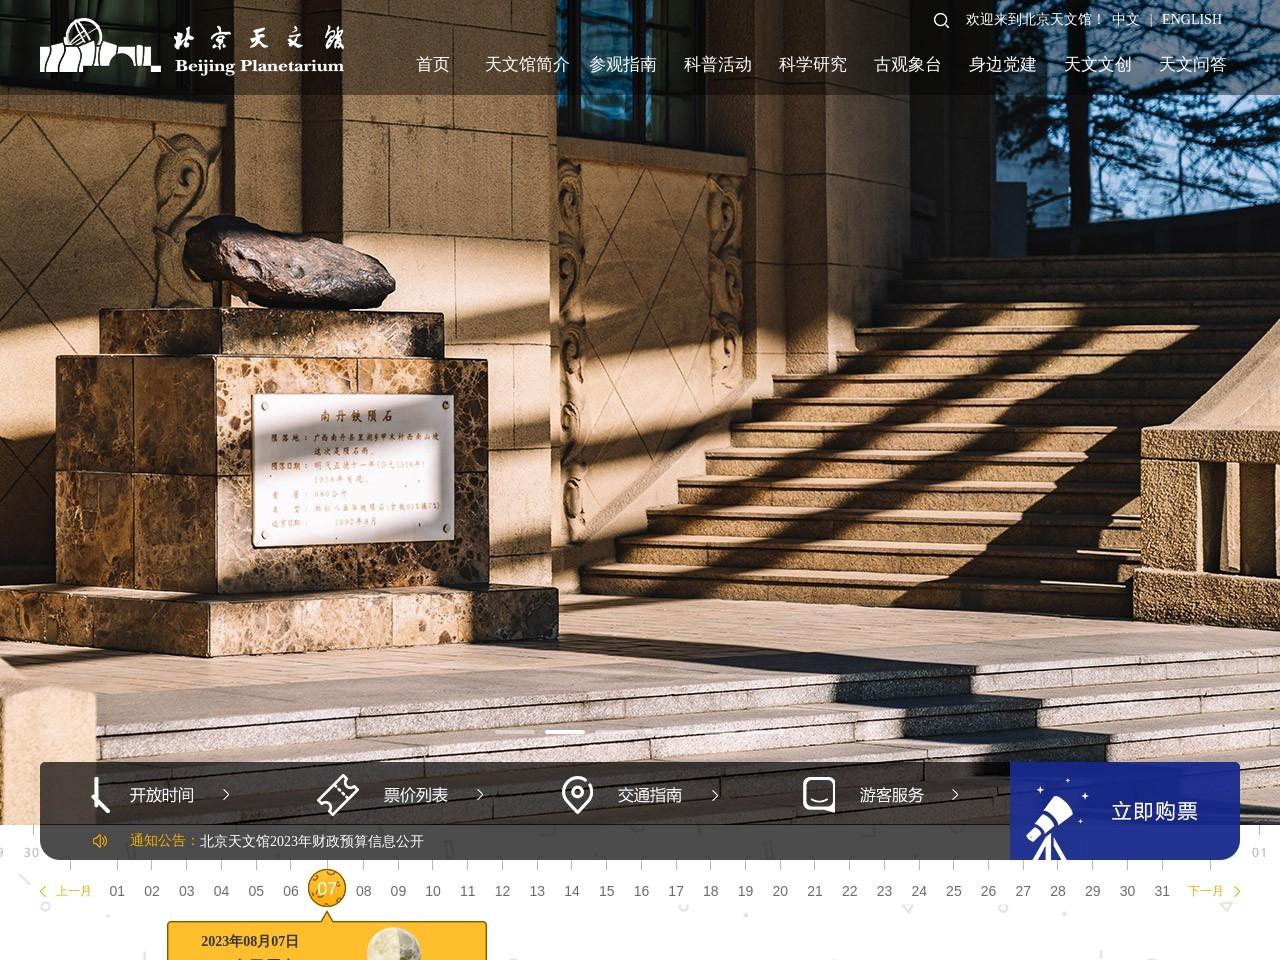 北京天文馆截图